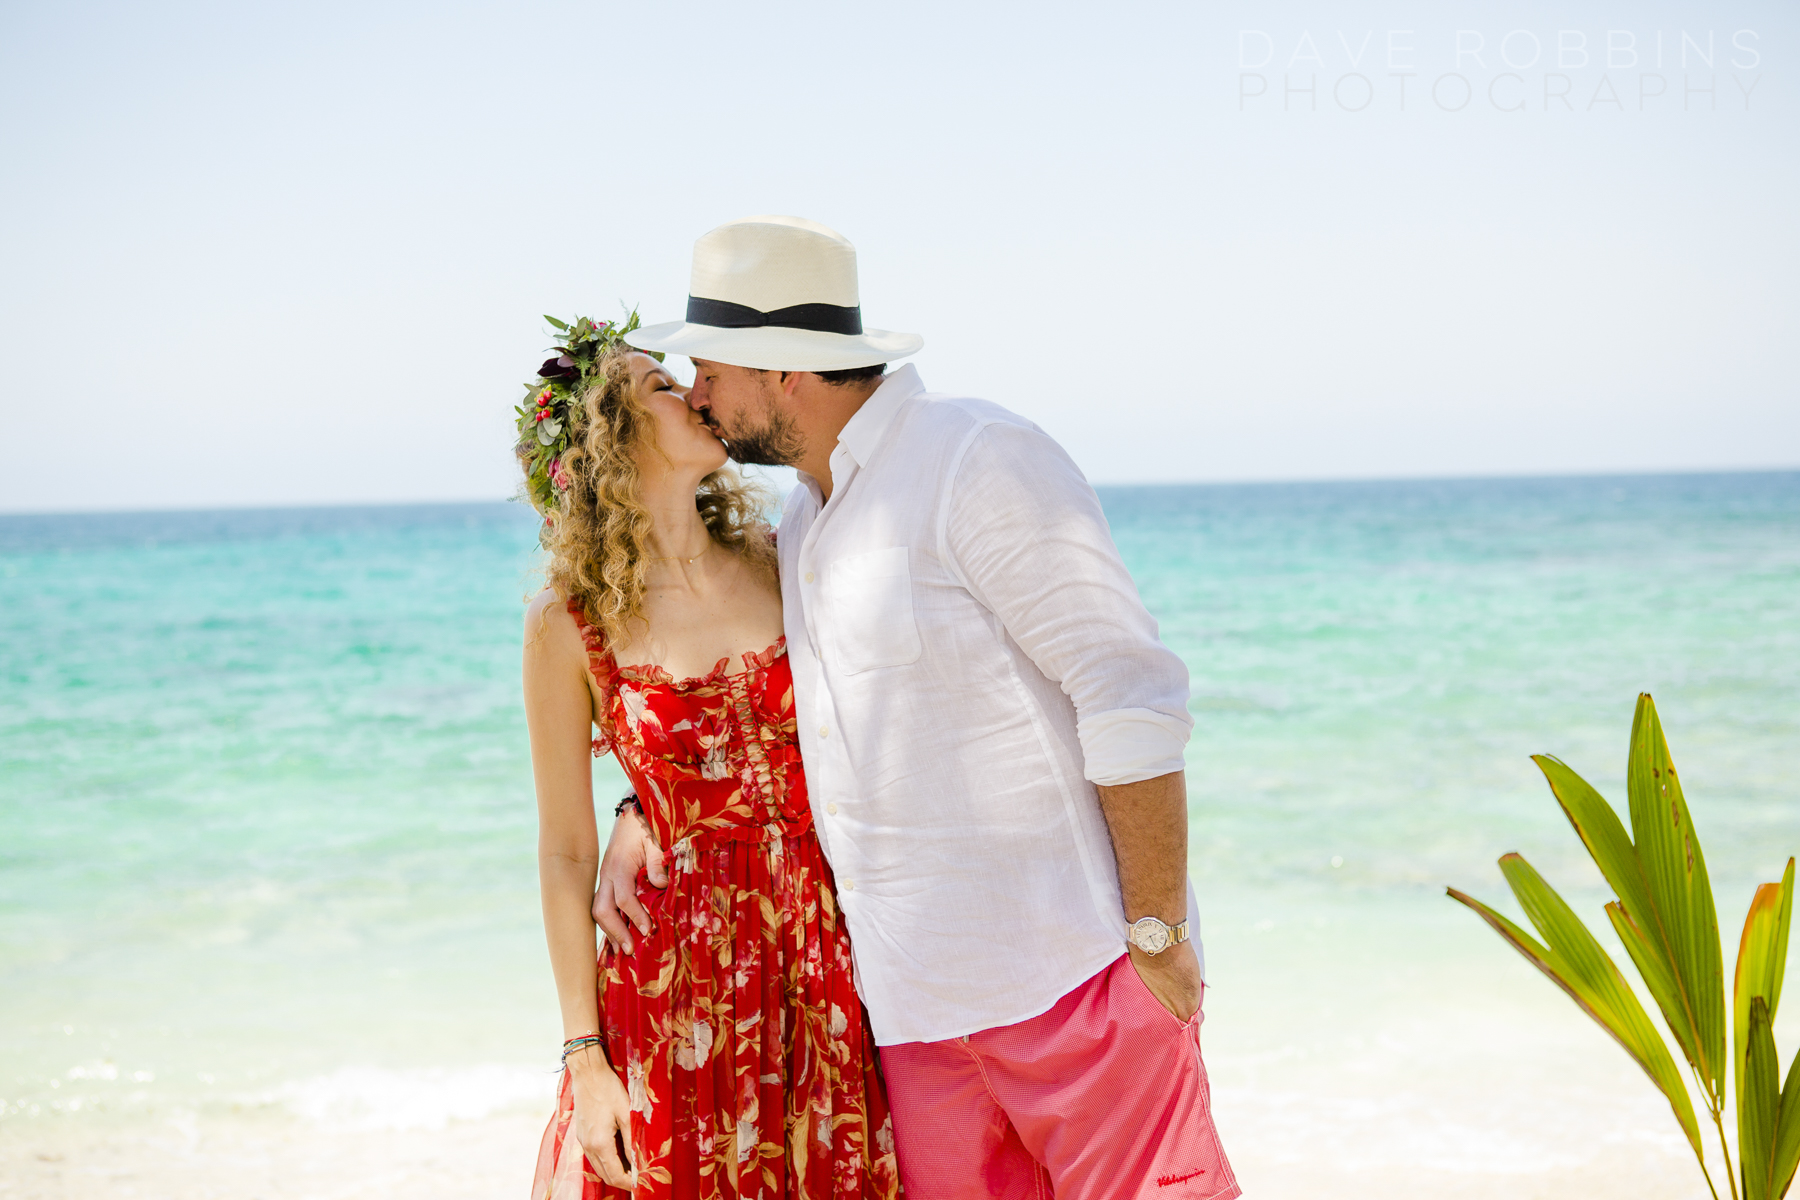 BARU BEACH WEDDING - 0025.JPG